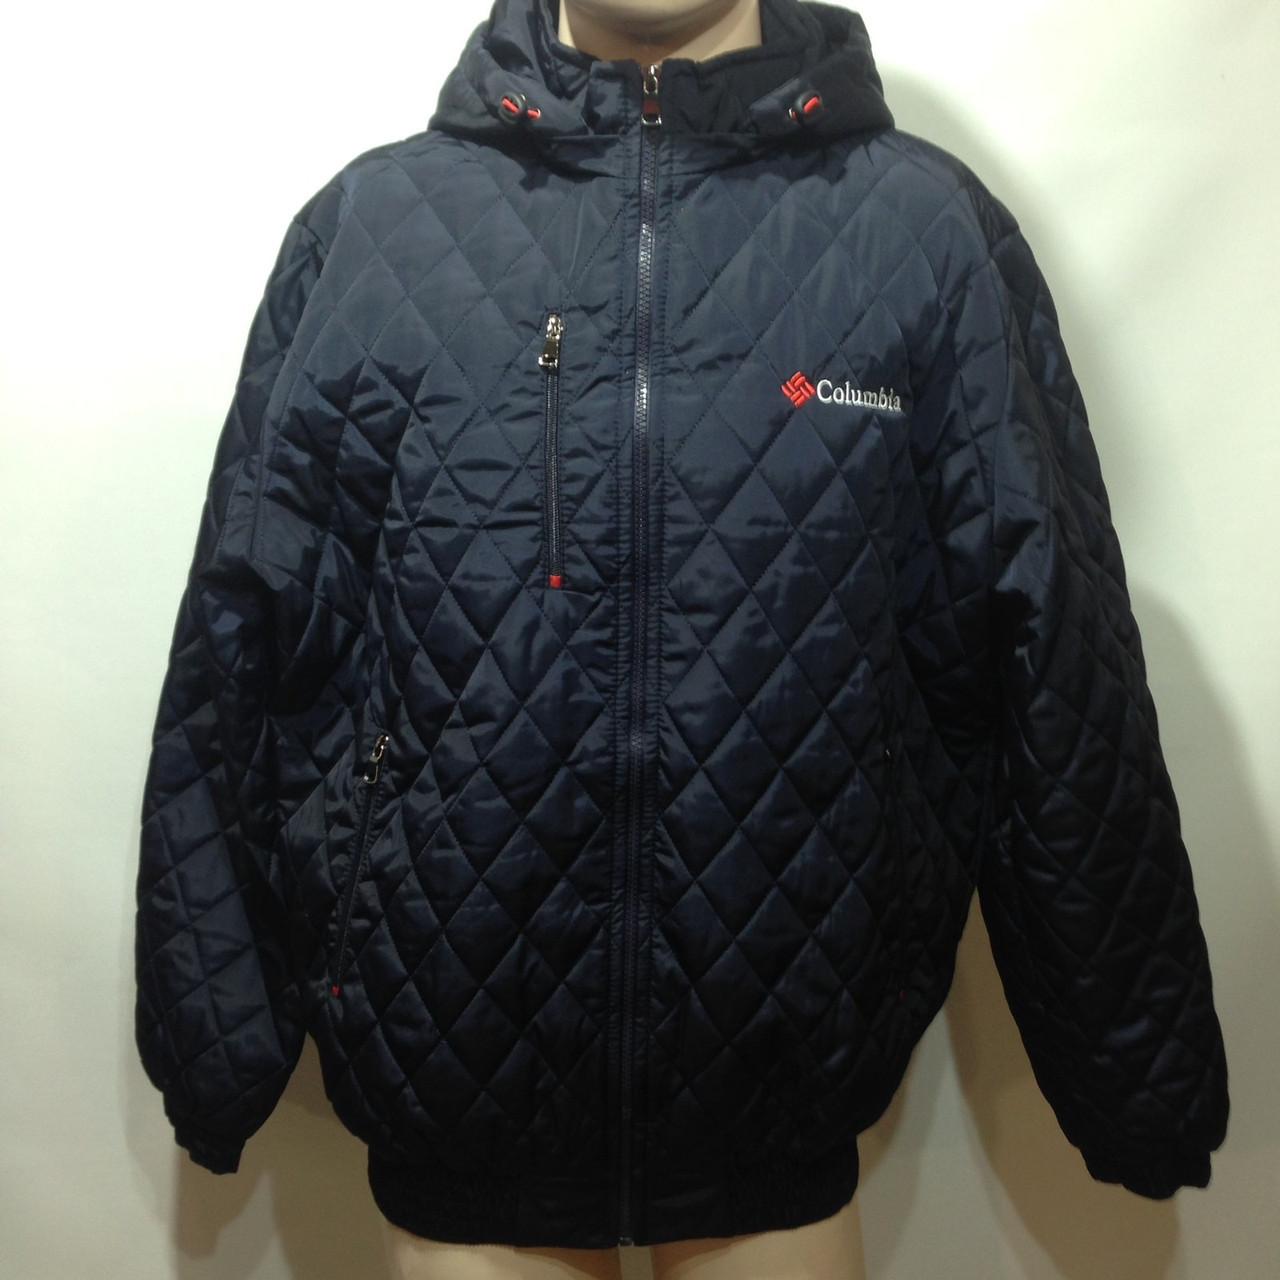 Мужская весенняя, демисезонная куртка больших размеров 58, 60, 64